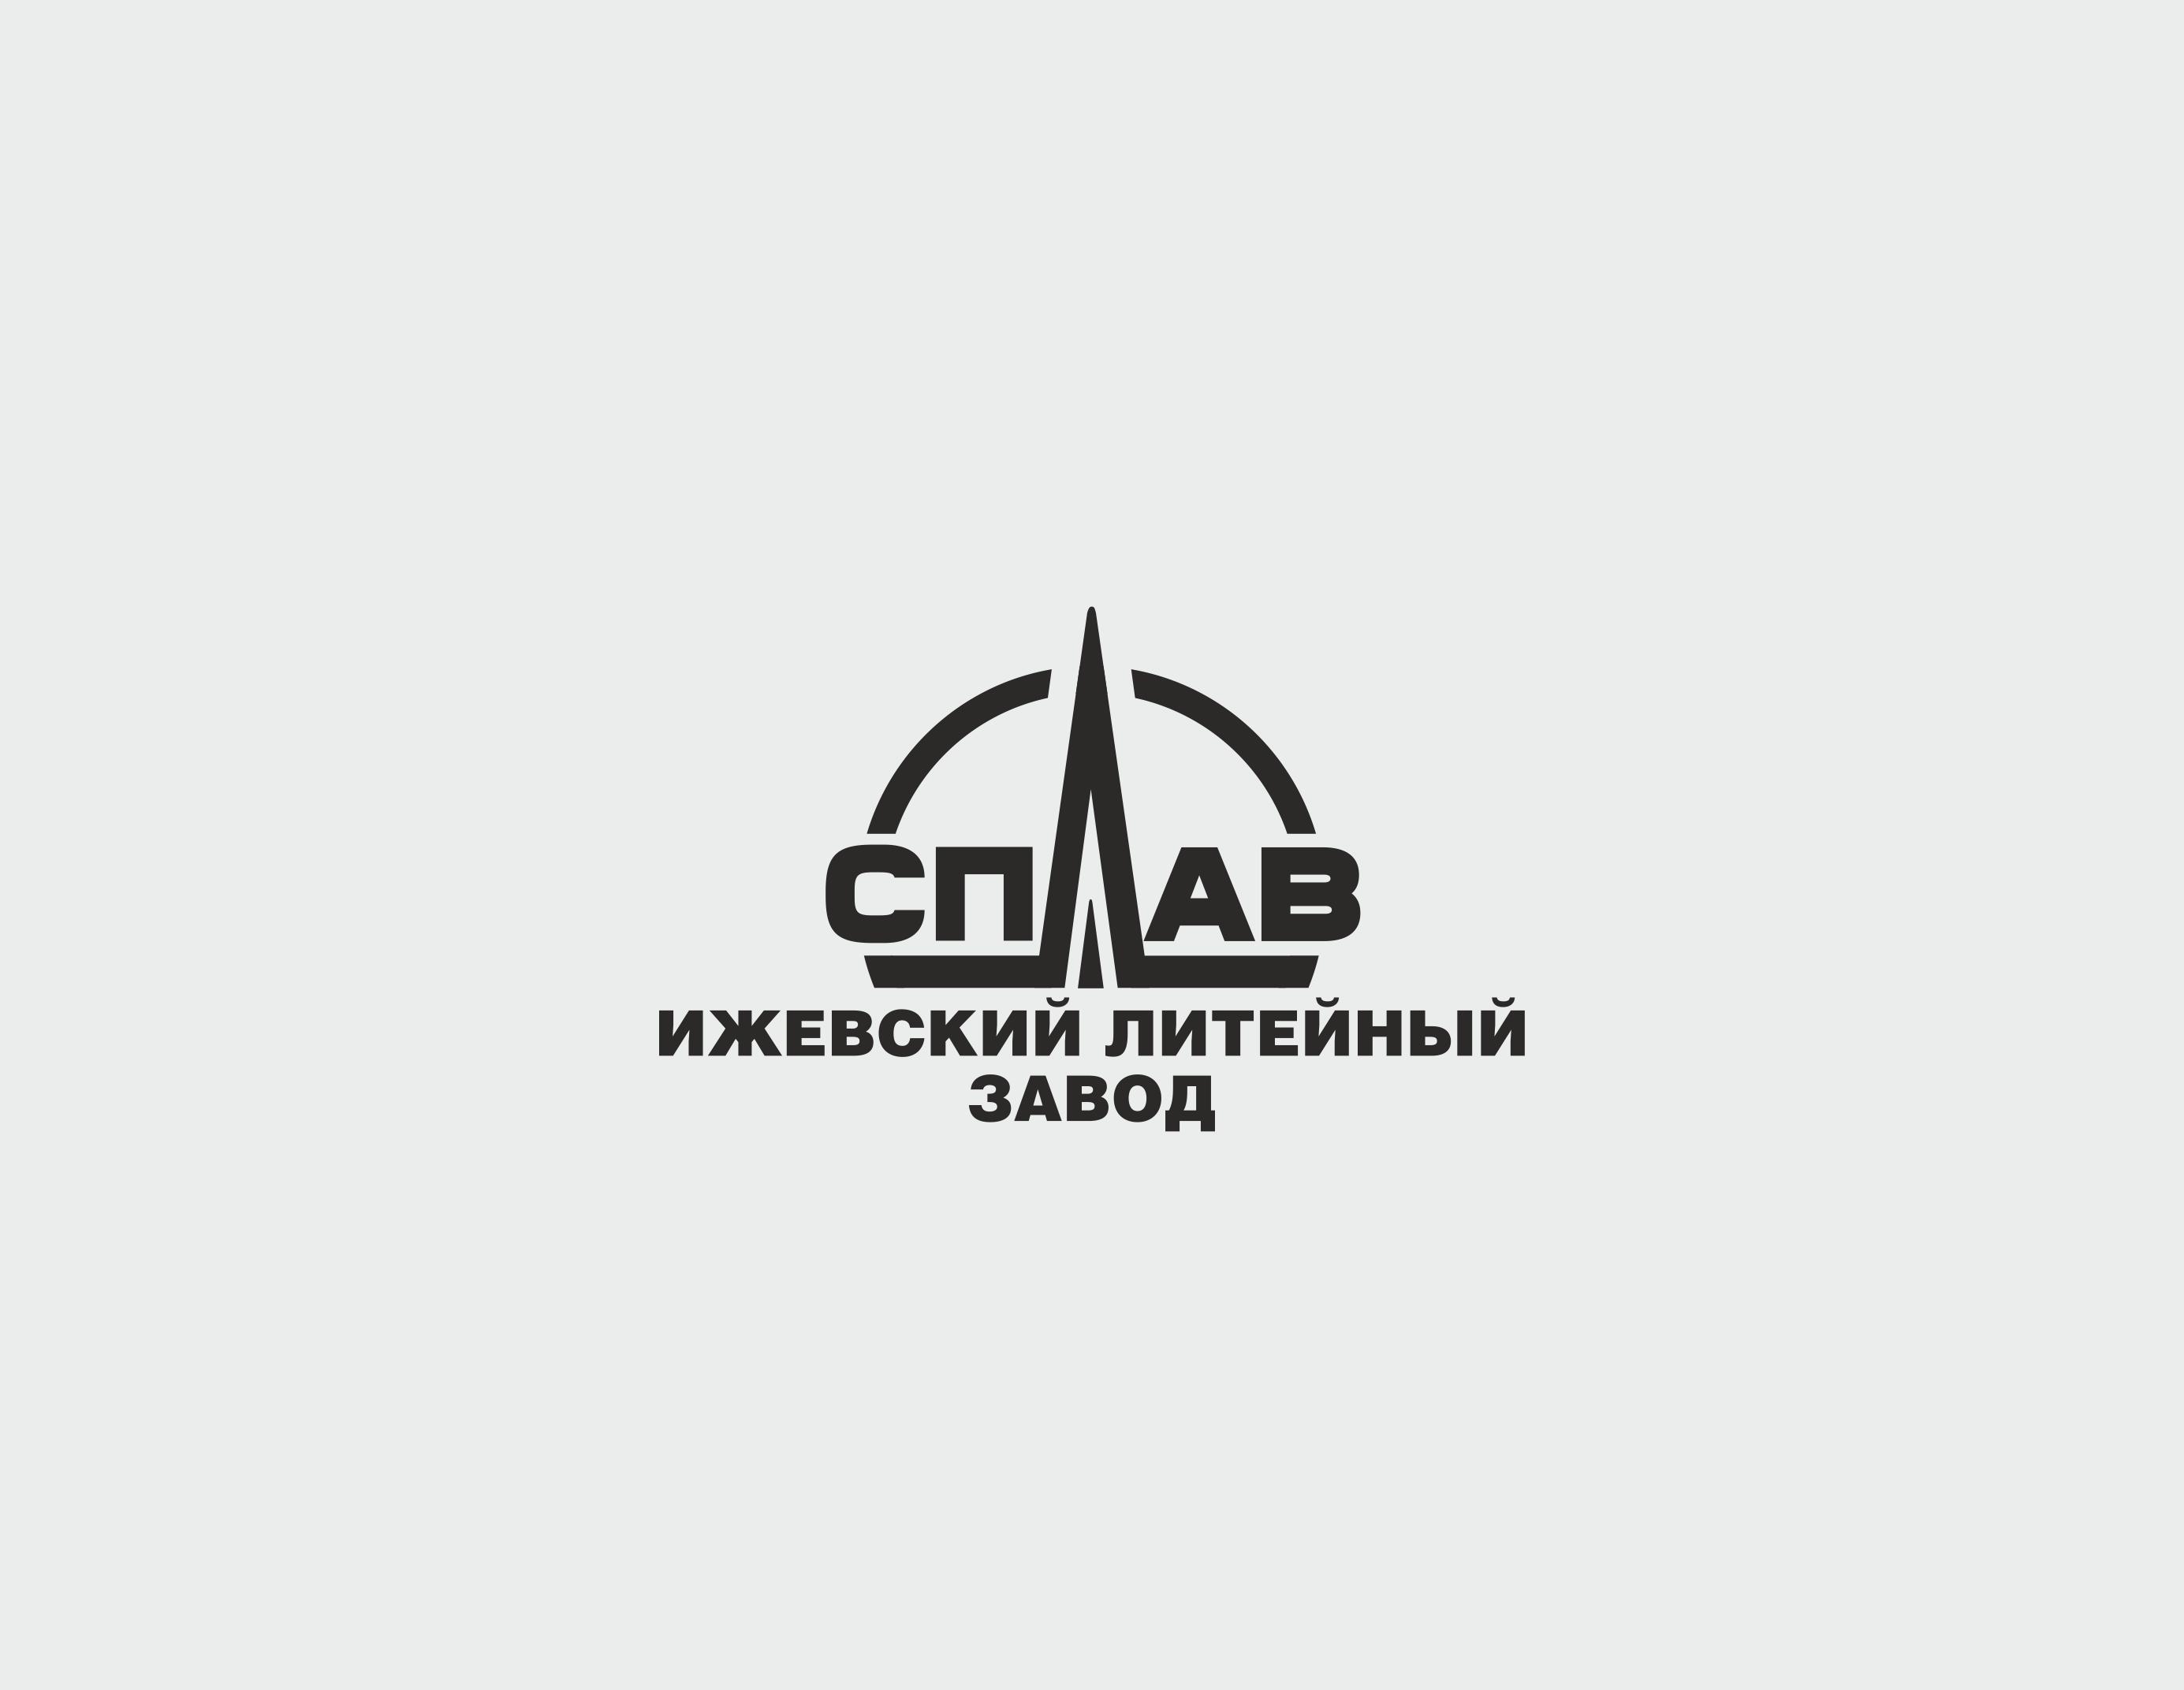 Разработать логотип для литейного завода фото f_0335b15495f3ddc4.png